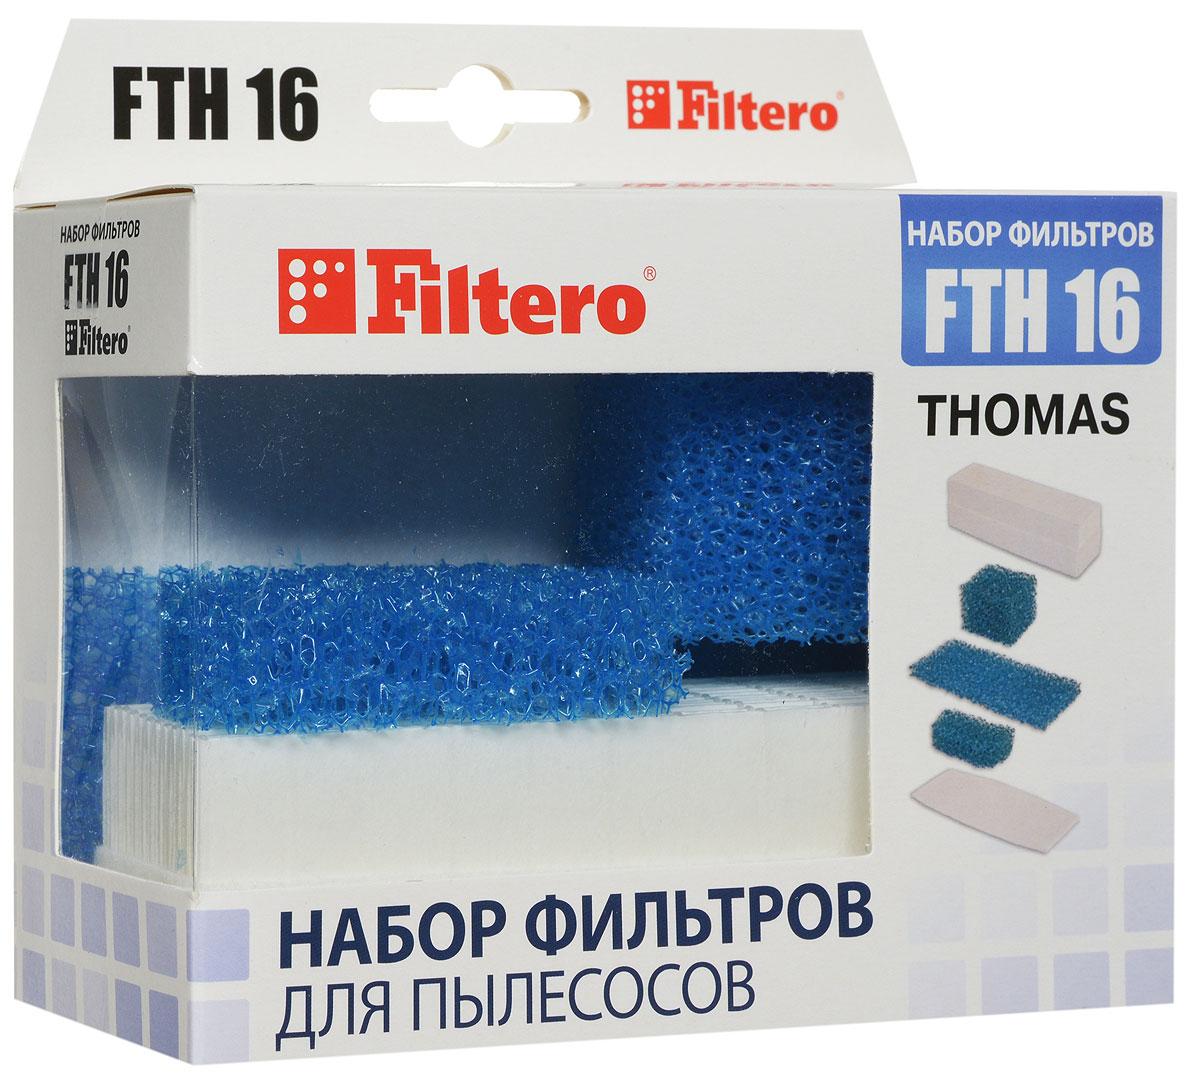 Filtero FTH 16 TMS HEPA-фильтр для ThomasFTH 16 TMS HEPAНабор фильтров Filtero FTH 16 TMS препятствует выходу мельчайших частиц пыли и аллергенов из пылесоса в помещение. Фильтр немоющийся. Он подлежит замене, согласно рекомендации производителя пылесосов - не реже одного раза за 6 месяцев.